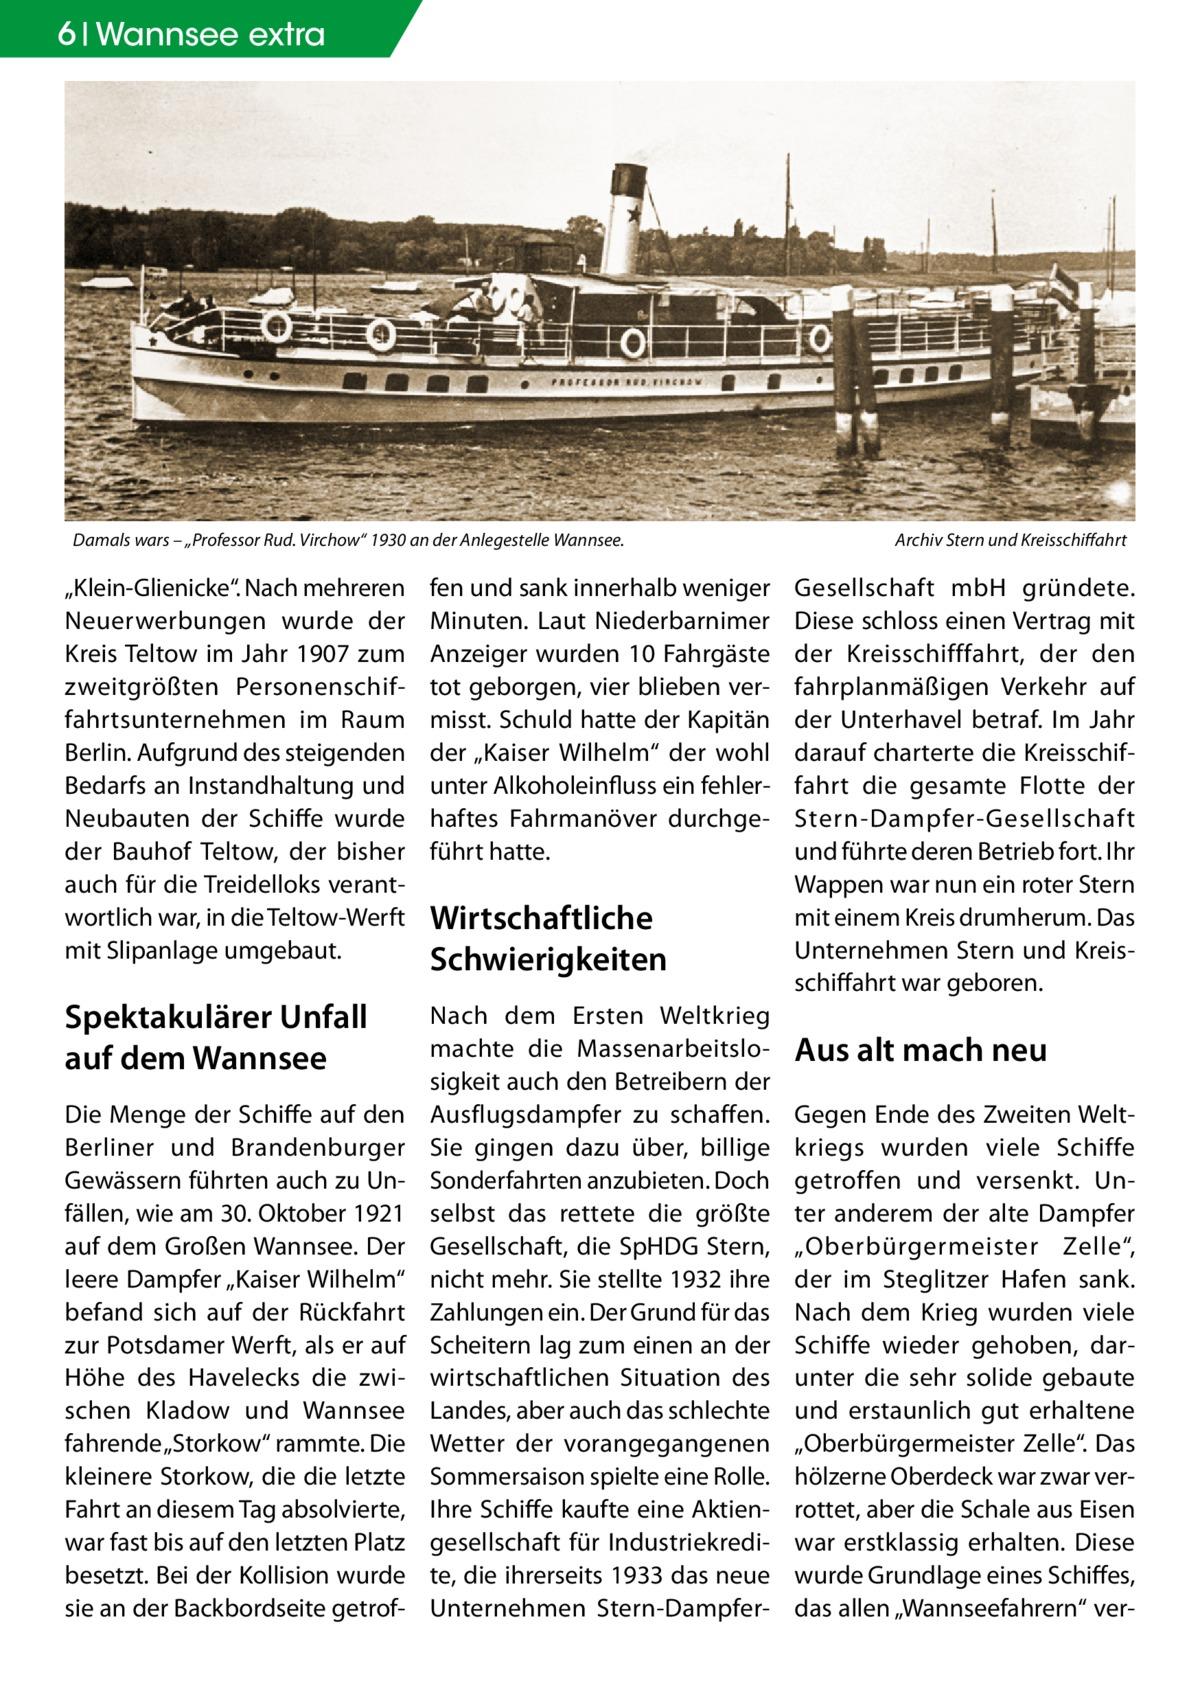 """6 Wannsee extra  Damals wars – """"Professor Rud. Virchow"""" 1930 an der Anlegestelle Wannsee. �  """"Klein-Glienicke"""". Nach mehreren Neuerwerbungen wurde der Kreis Teltow im Jahr 1907 zum zweitgrößten Personenschiffahrtsunternehmen im Raum Berlin. Aufgrund des steigenden Bedarfs an Instandhaltung und Neubauten der Schiffe wurde der Bauhof Teltow, der bisher auch für die Treidelloks verantwortlich war, in die Teltow-Werft mit Slipanlage umgebaut.  fen und sank innerhalb weniger Minuten. Laut Niederbarnimer Anzeiger wurden 10 Fahrgäste tot geborgen, vier blieben vermisst. Schuld hatte der Kapitän der """"Kaiser Wilhelm"""" der wohl unter Alkoholeinfluss ein fehlerhaftes Fahrmanöver durchgeführt hatte.  Spektakulärer Unfall auf dem Wannsee  Nach dem Ersten Weltkrieg machte die Massenarbeitslosigkeit auch den Betreibern der Ausflugsdampfer zu schaffen. Sie gingen dazu über, billige Sonderfahrten anzubieten. Doch selbst das rettete die größte Gesellschaft, die SpHDG Stern, nicht mehr. Sie stellte 1932 ihre Zahlungen ein. Der Grund für das Scheitern lag zum einen an der wirtschaftlichen Situation des Landes, aber auch das schlechte Wetter der vorangegangenen Sommersaison spielte eine Rolle. Ihre Schiffe kaufte eine Aktiengesellschaft für Industriekredite, die ihrerseits 1933 das neue Unternehmen Stern-Dampfer Die Menge der Schiffe auf den Berliner und Brandenburger Gewässern führten auch zu Unfällen, wie am 30.Oktober 1921 auf dem Großen Wannsee. Der leere Dampfer """"Kaiser Wilhelm"""" befand sich auf der Rückfahrt zur Potsdamer Werft, als er auf Höhe des Havelecks die zwischen Kladow und Wannsee fahrende """"Storkow"""" rammte. Die kleinere Storkow, die die letzte Fahrt an diesem Tag absolvierte, war fast bis auf den letzten Platz besetzt. Bei der Kollision wurde sie an der Backbordseite getrof Wirtschaftliche Schwierigkeiten  Archiv Stern und Kreisschiffahrt  Gesellschaft mbH gründete. Diese schloss einen Vertrag mit der Kreisschifffahrt, der den fahrplanmäßigen Verkehr auf der Unterhavel betr"""